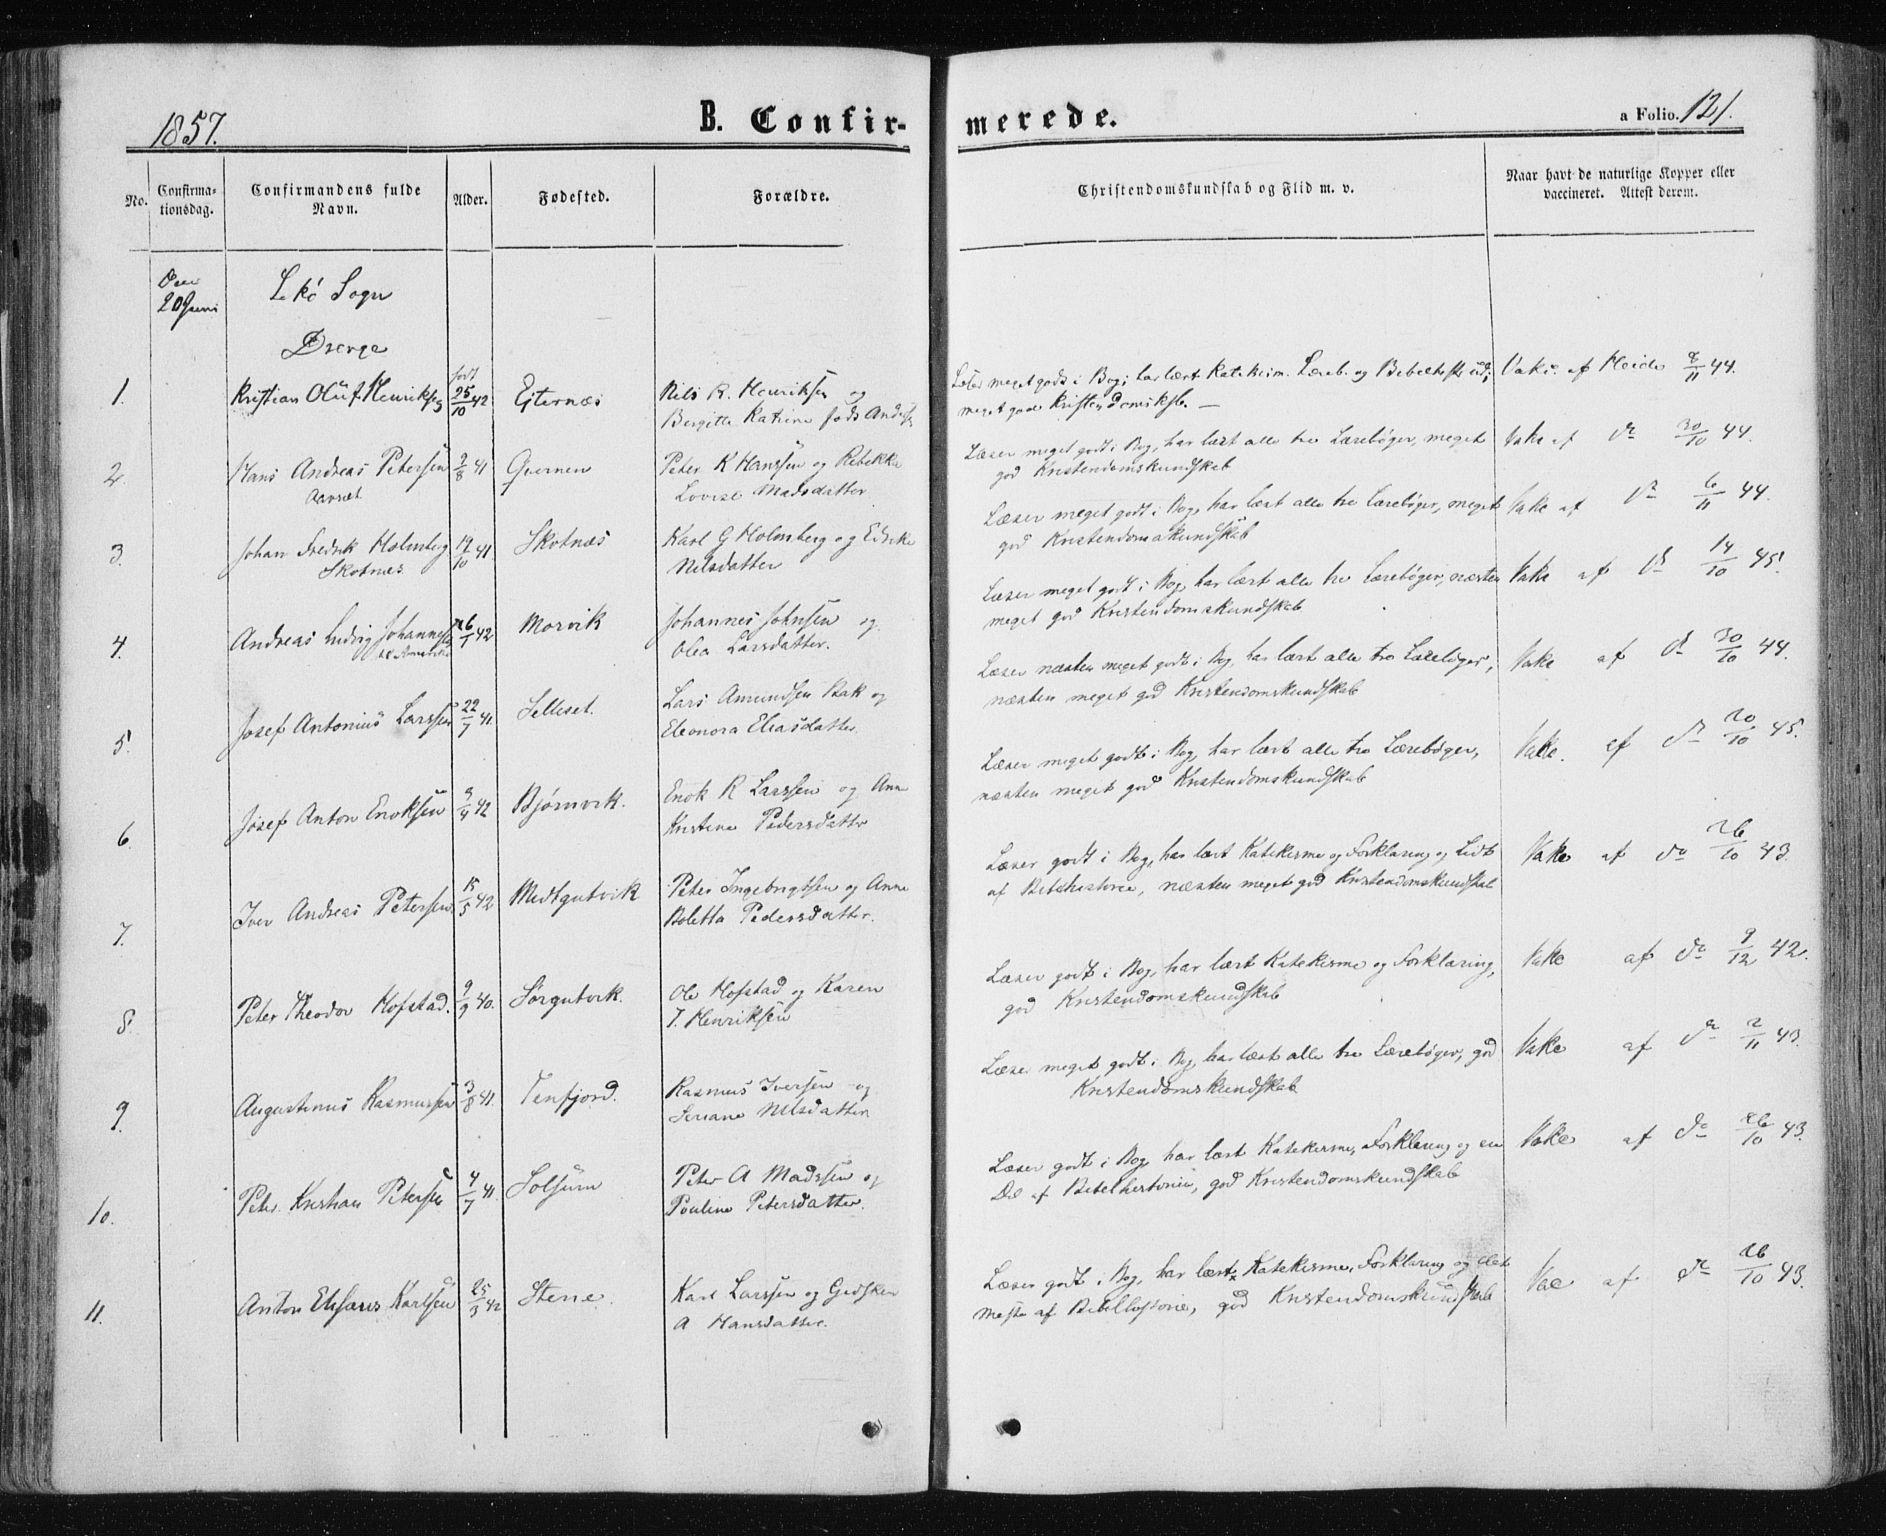 SAT, Ministerialprotokoller, klokkerbøker og fødselsregistre - Nord-Trøndelag, 780/L0641: Ministerialbok nr. 780A06, 1857-1874, s. 121